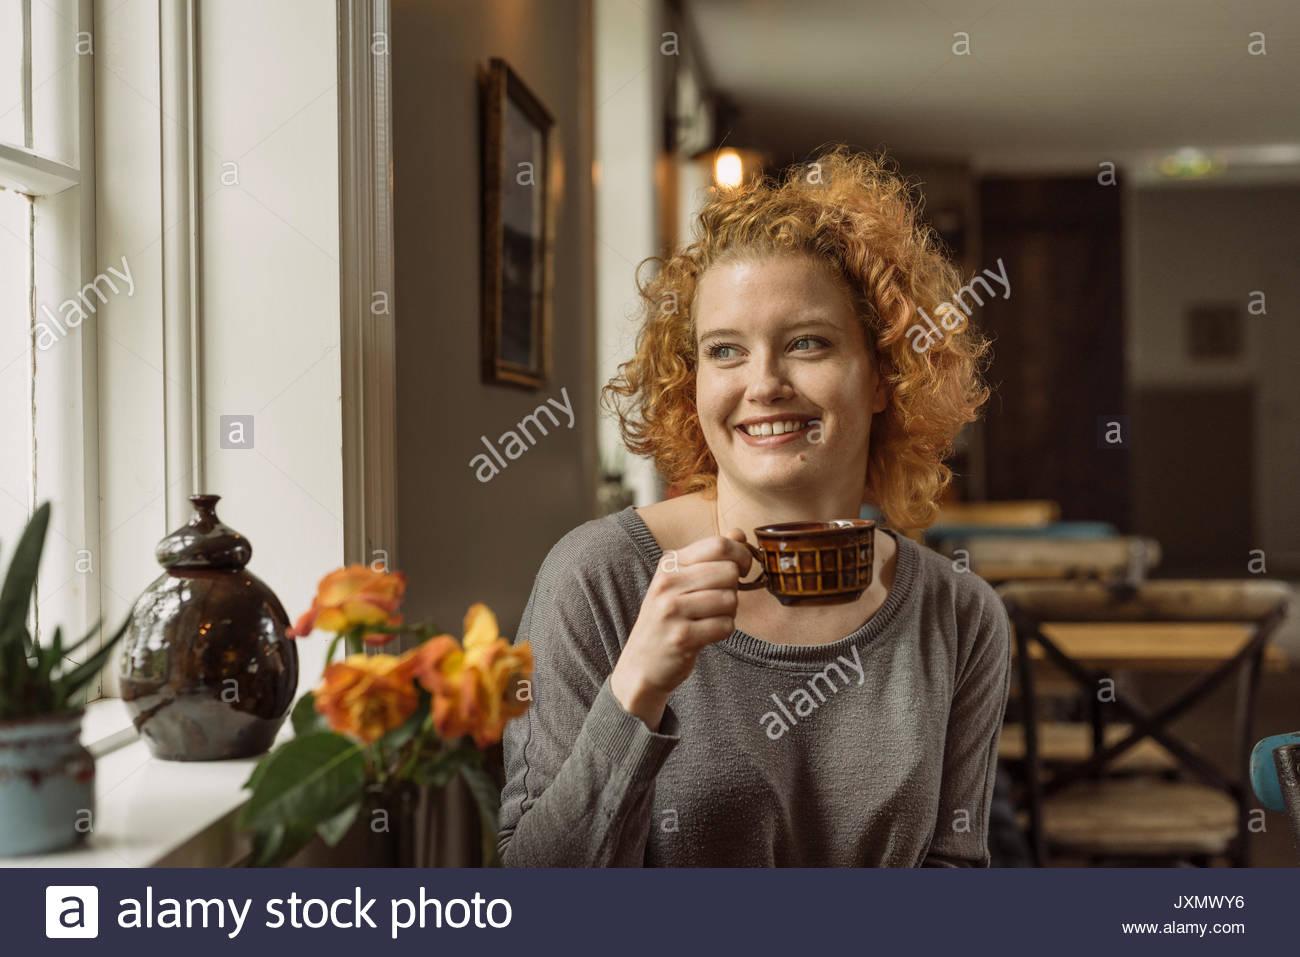 Mujer en el Café Taza holding apartar la mirada sonriendo Imagen De Stock